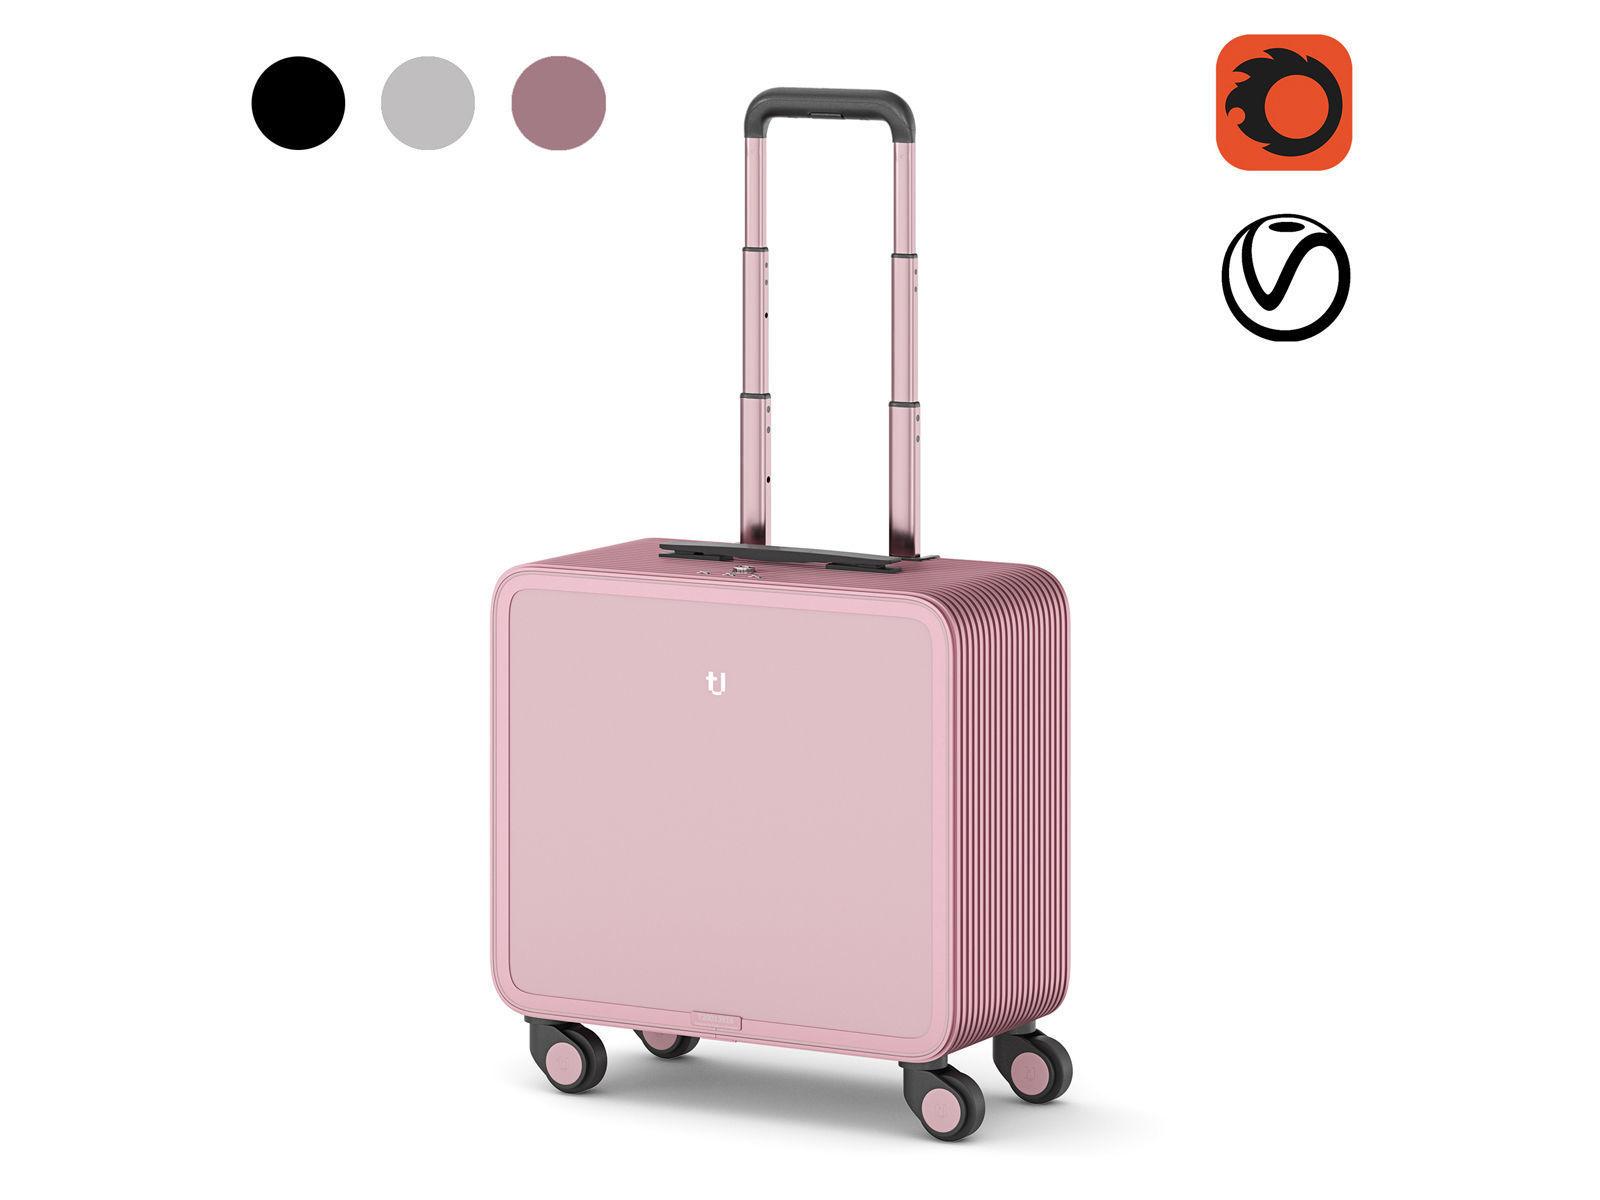 TUPLUS S2 Aluminum Hard Case Carry-On Luggage